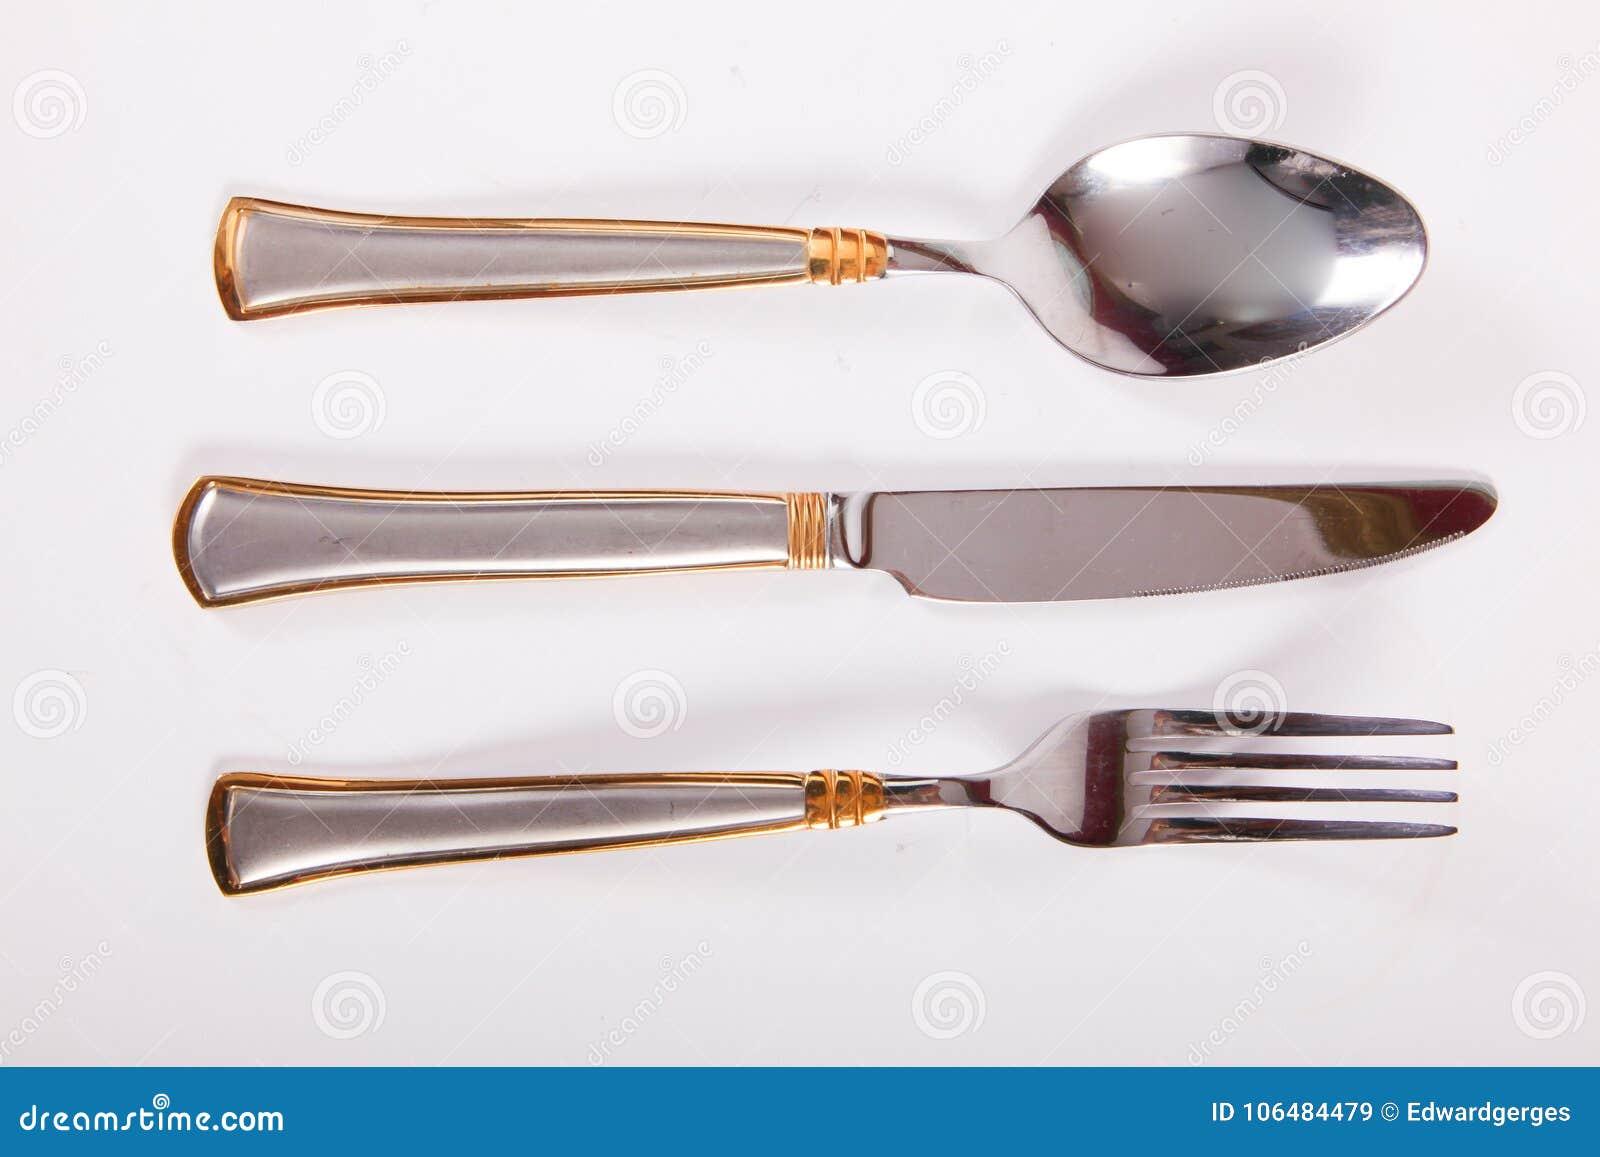 叉子厨刀匙子三器物